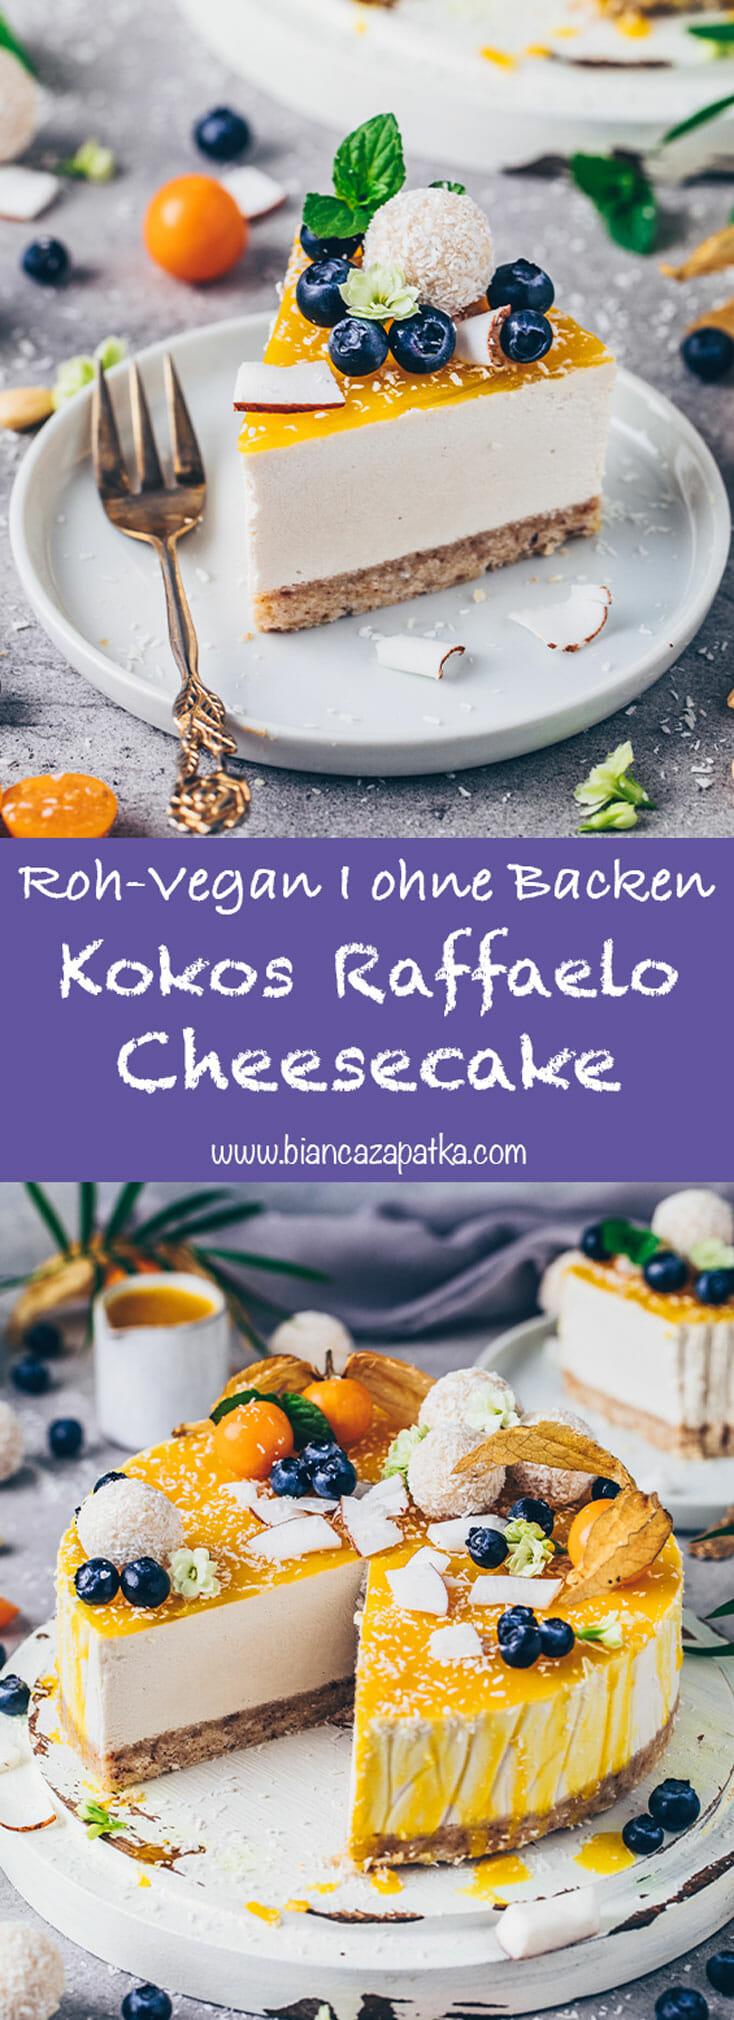 Kokos Cheesecake Raffaelo Torte ohne Backen (Roh Vegan)